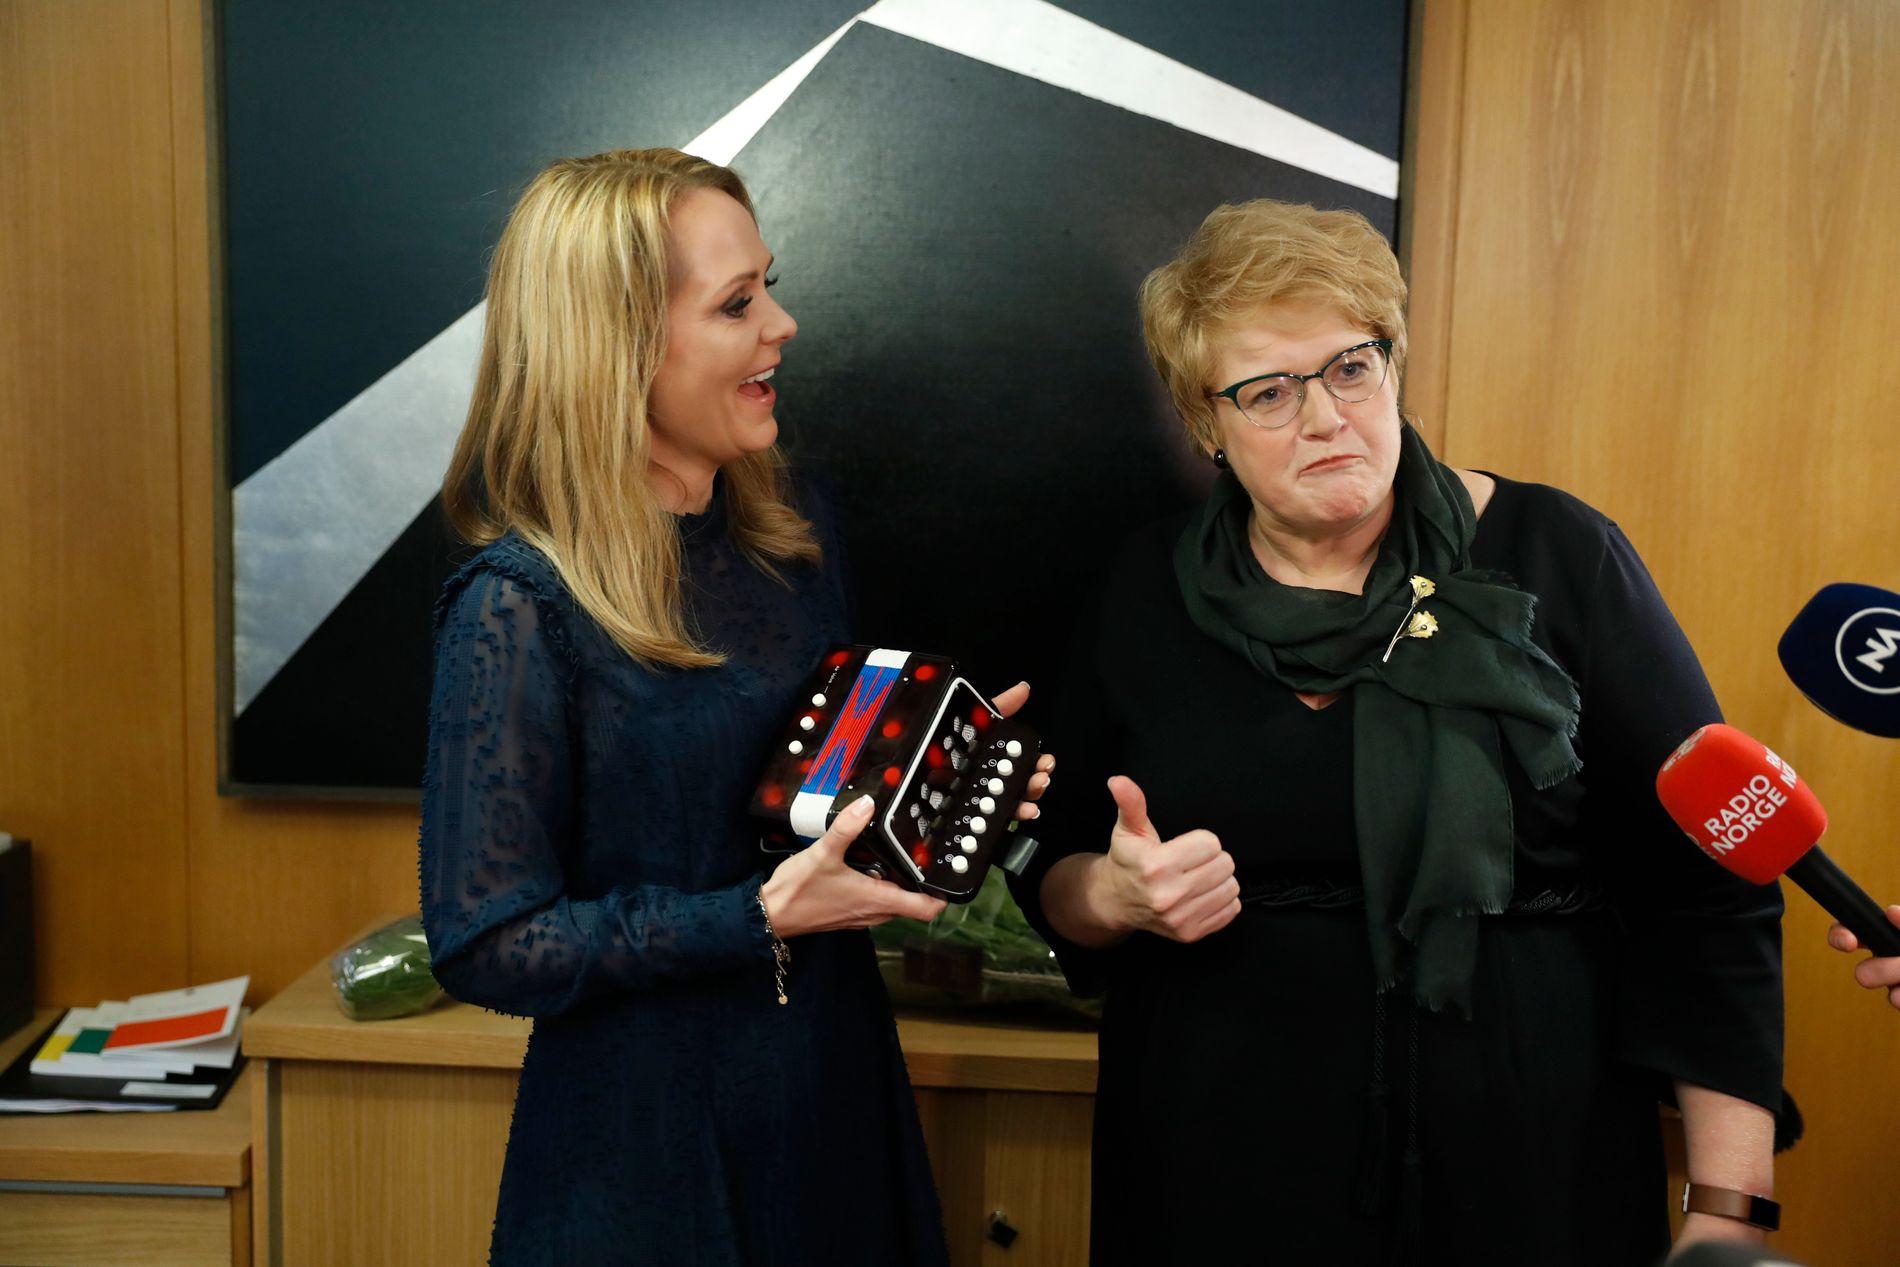 STYRER IDRETTEN: Trine Skei Grande (til høyre, men fra Venstre) har erstattet Linda Hofstad Helleland (til venstre, men fra Høyre) som kulturminister.